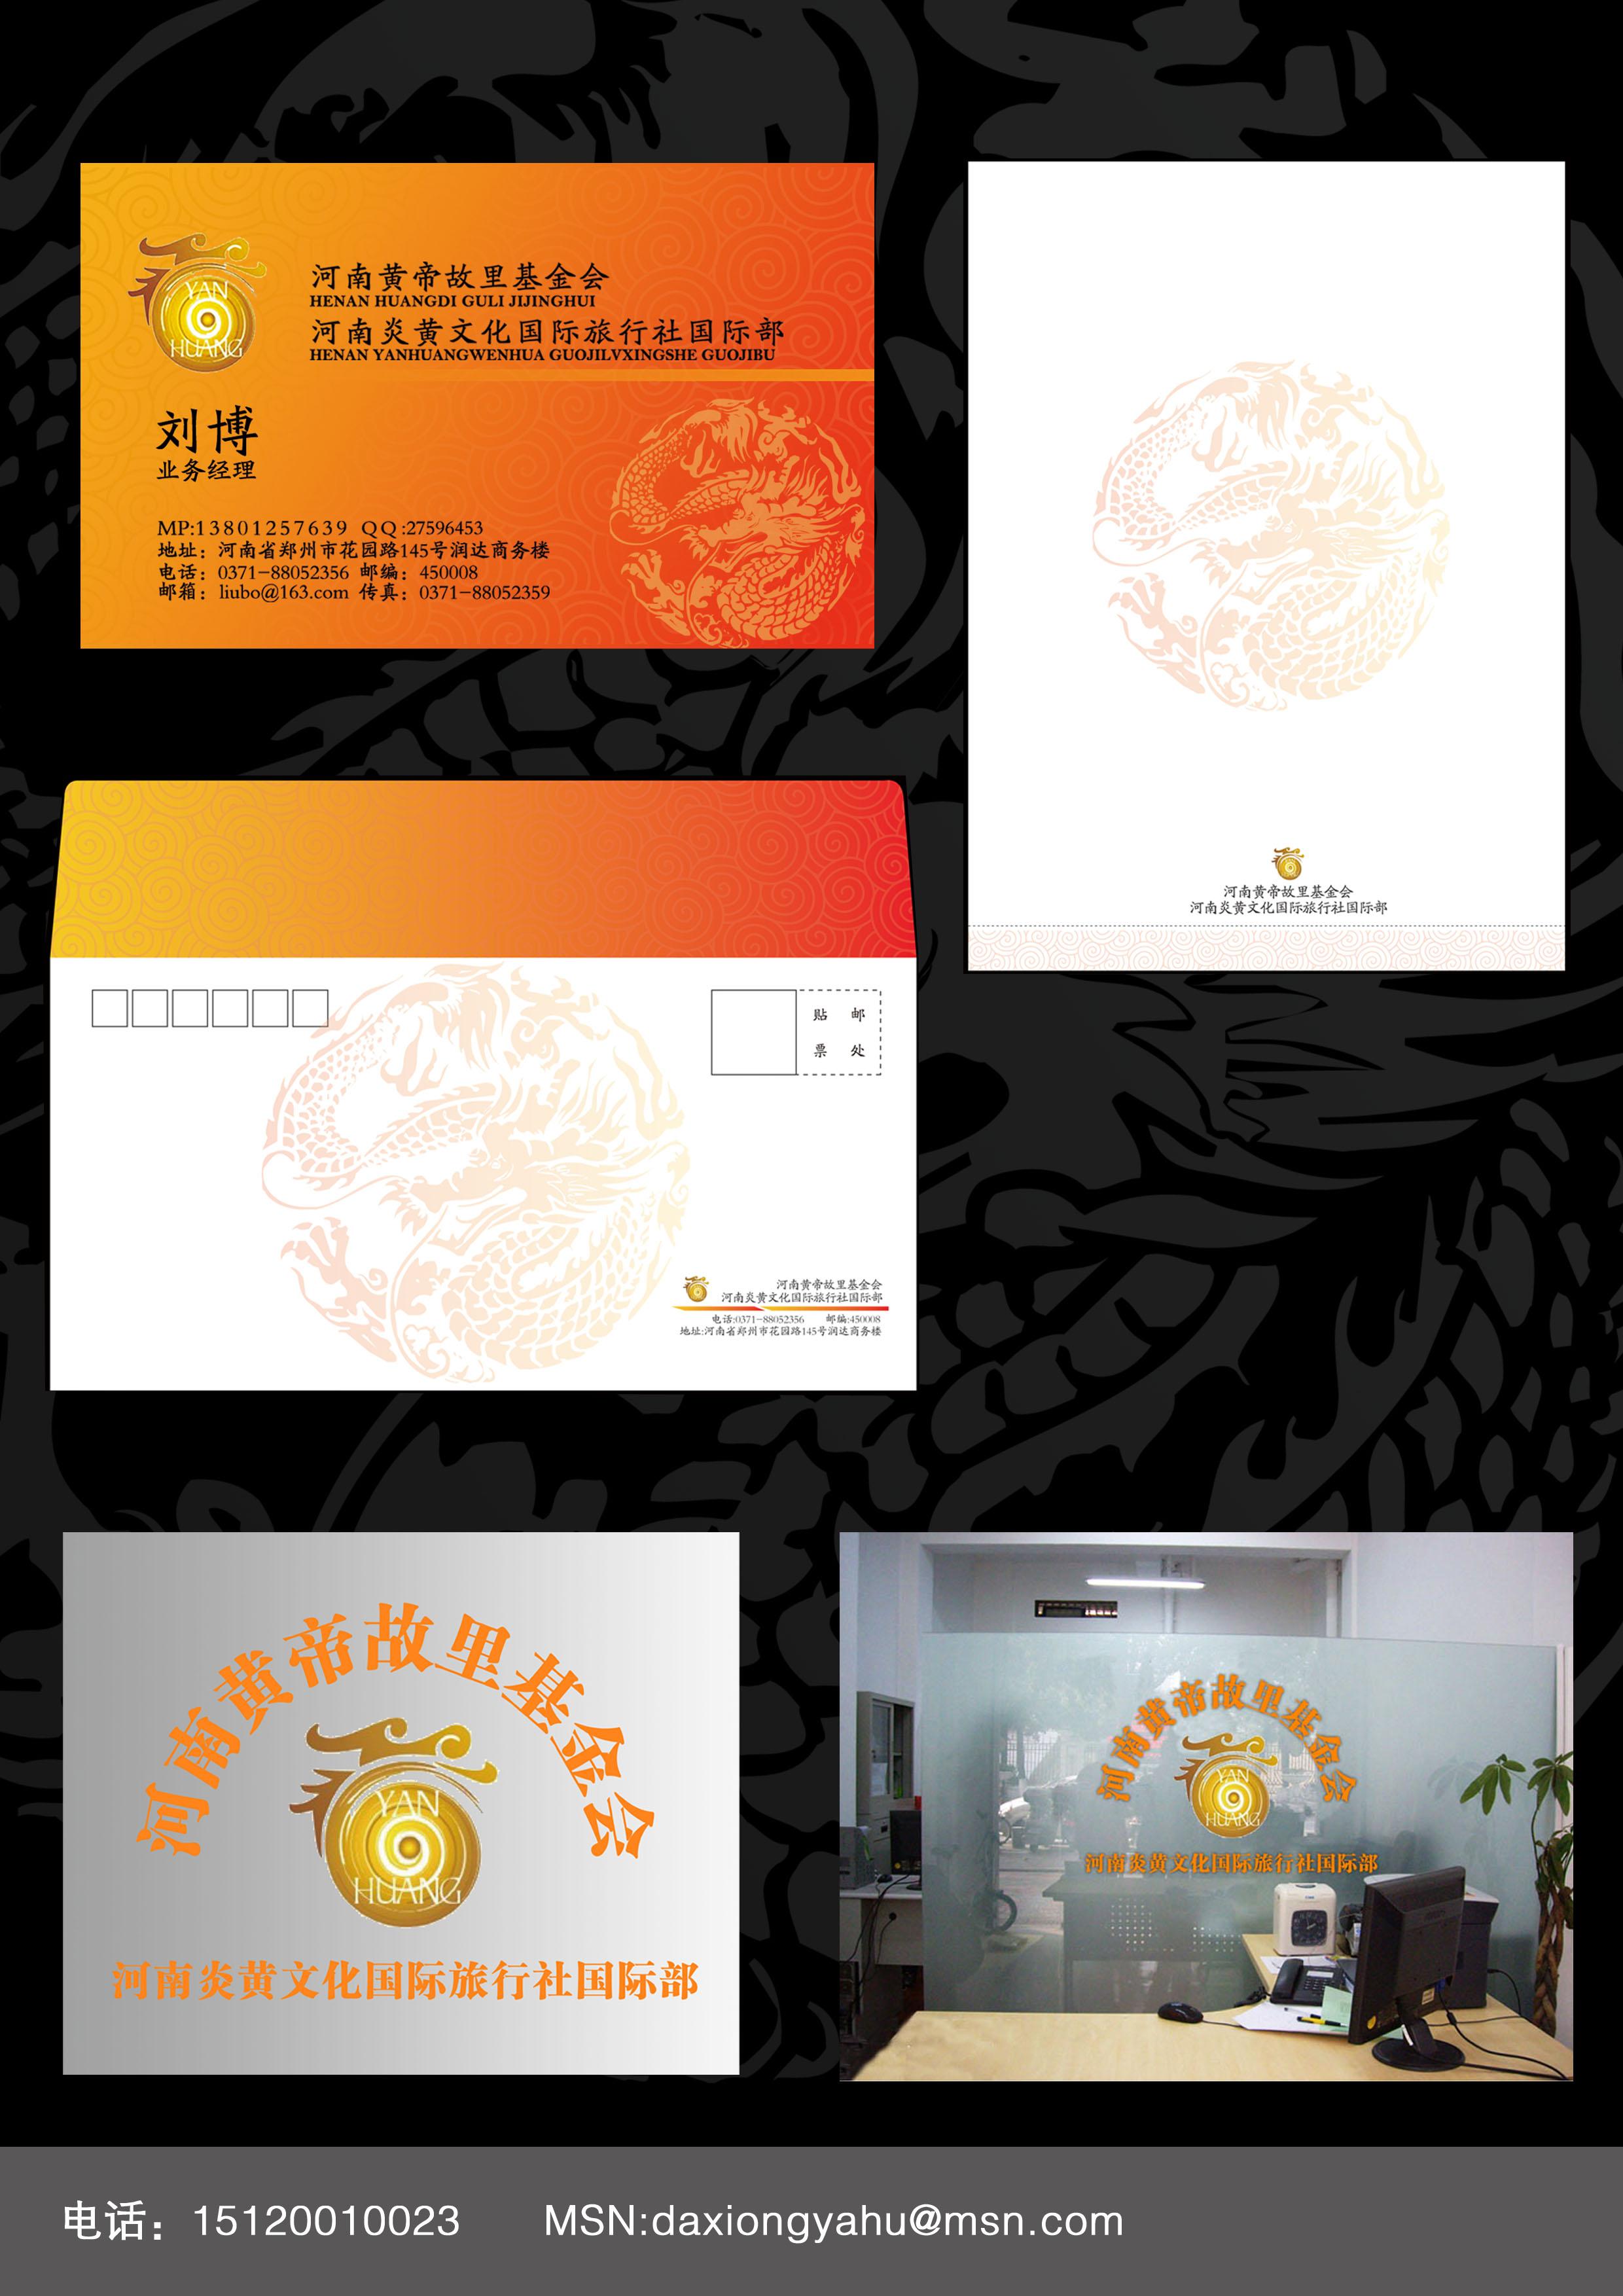 旅行社名片,背景墙设计